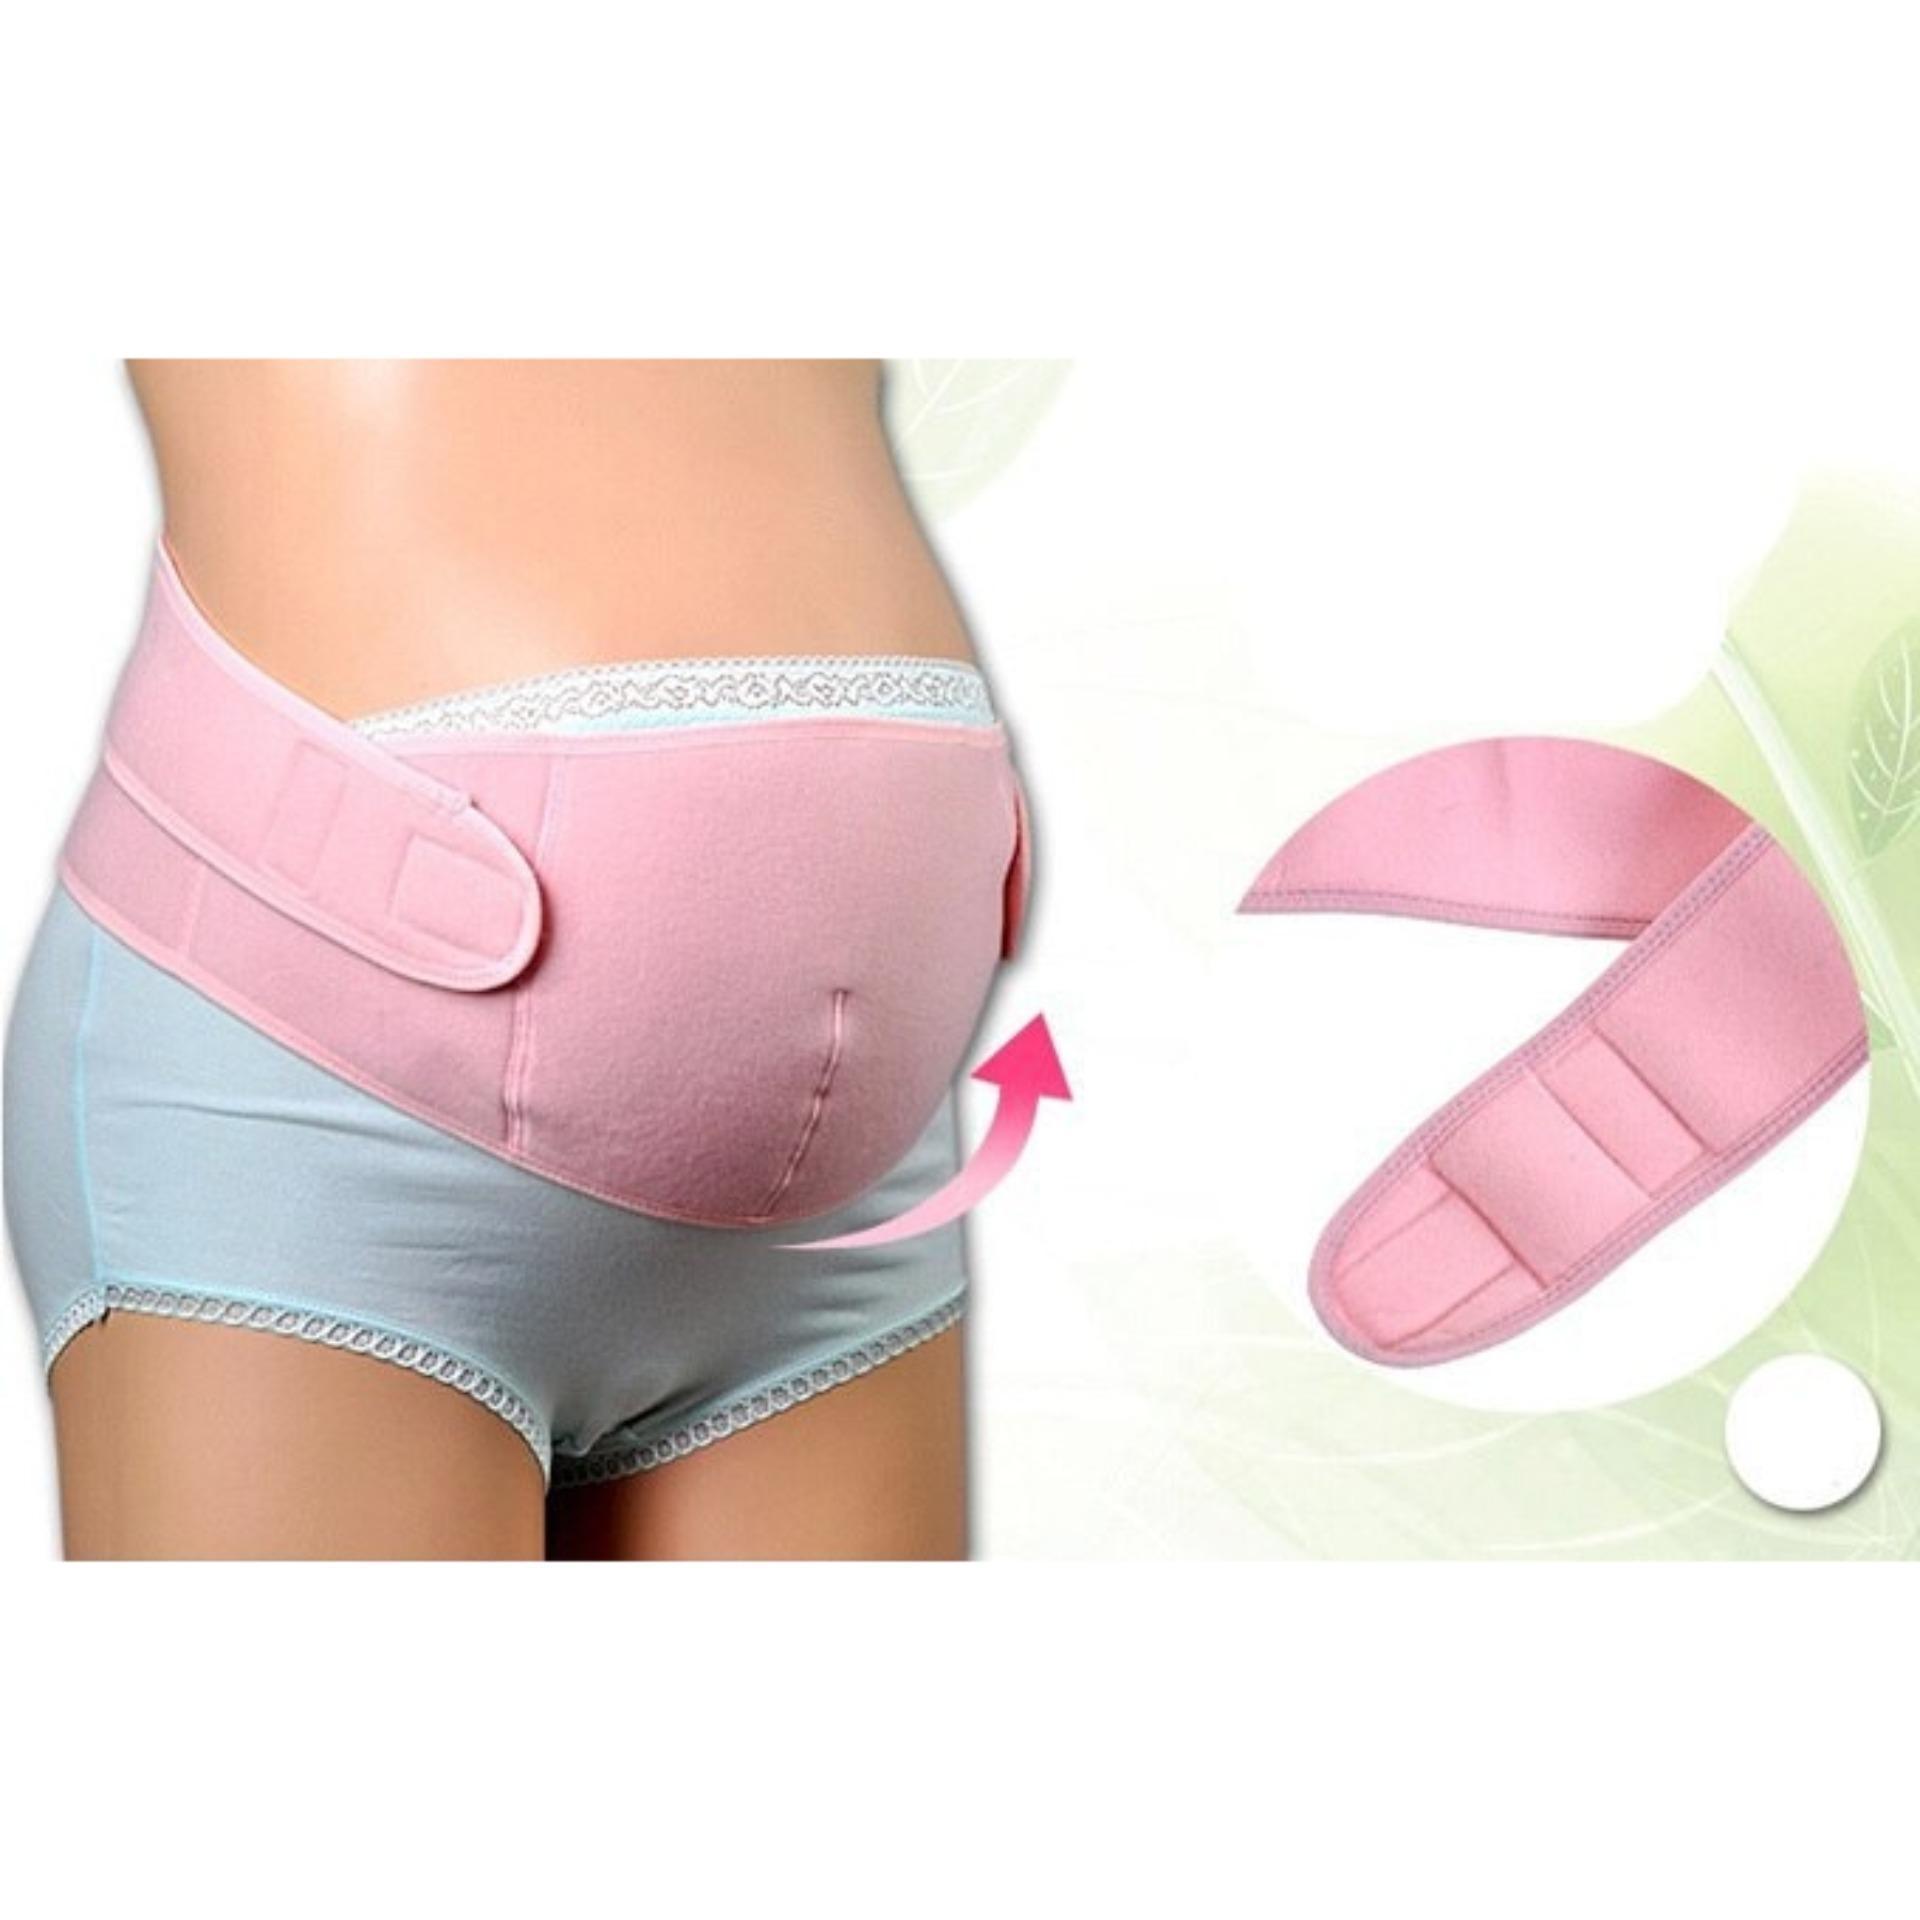 ... Ibu Hamil Maternity Support Belt Source · Harga preferensial Korset Penyangga Kehamilan Hana Secret Maternity Belt beli sekarang Hanya Rp151 000